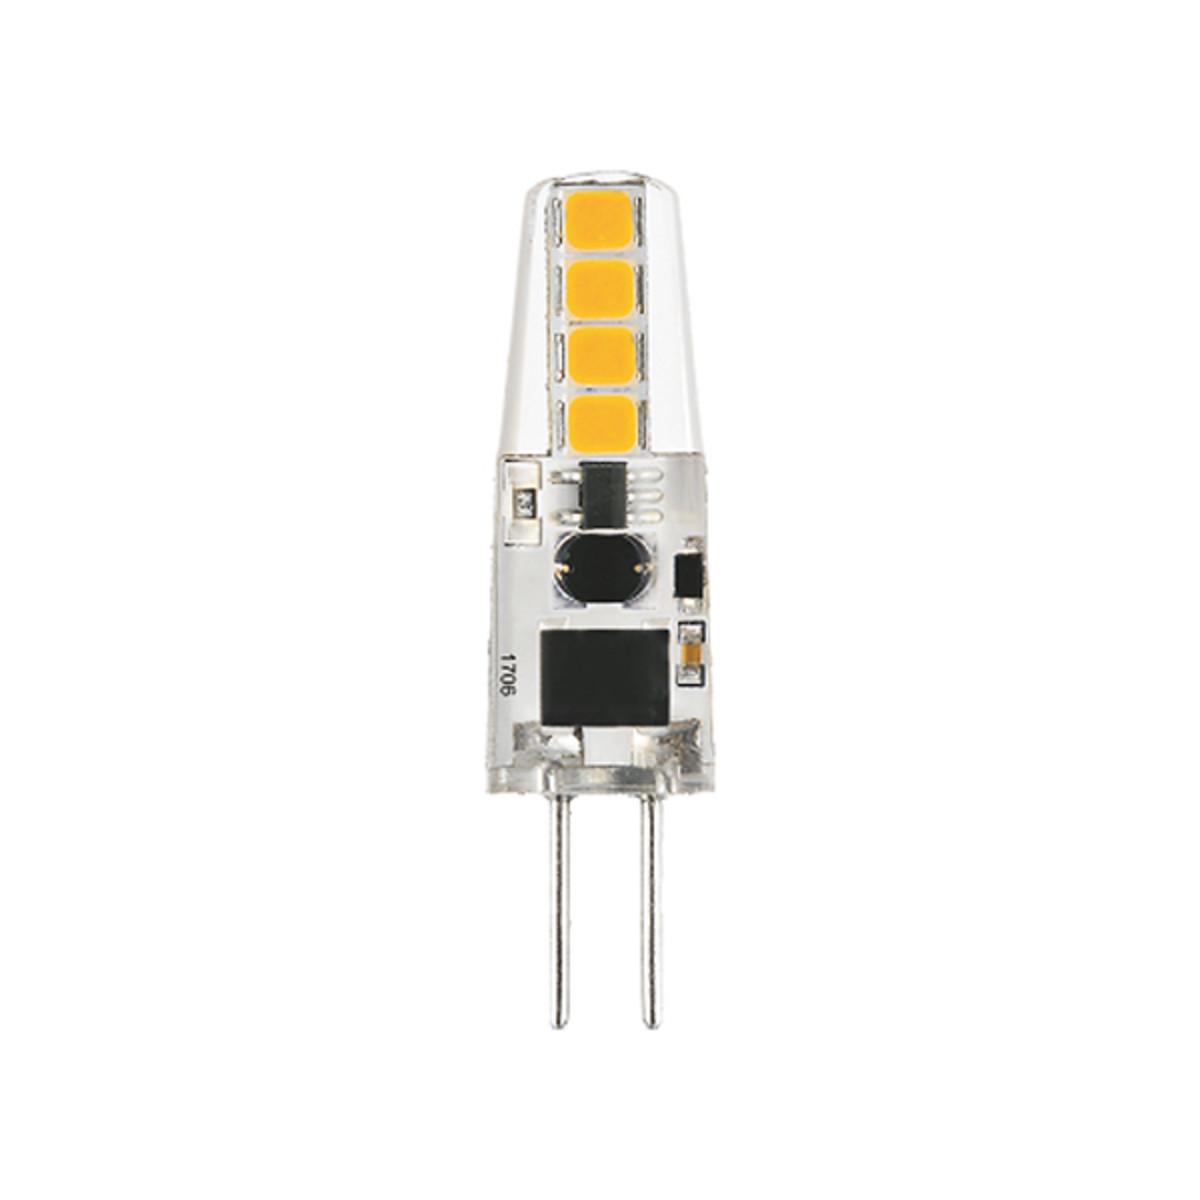 Лампа Elektrostandard G4 LED BL126 светодионая G4 3 Вт кукуруза 270 Лм нейтральный свет